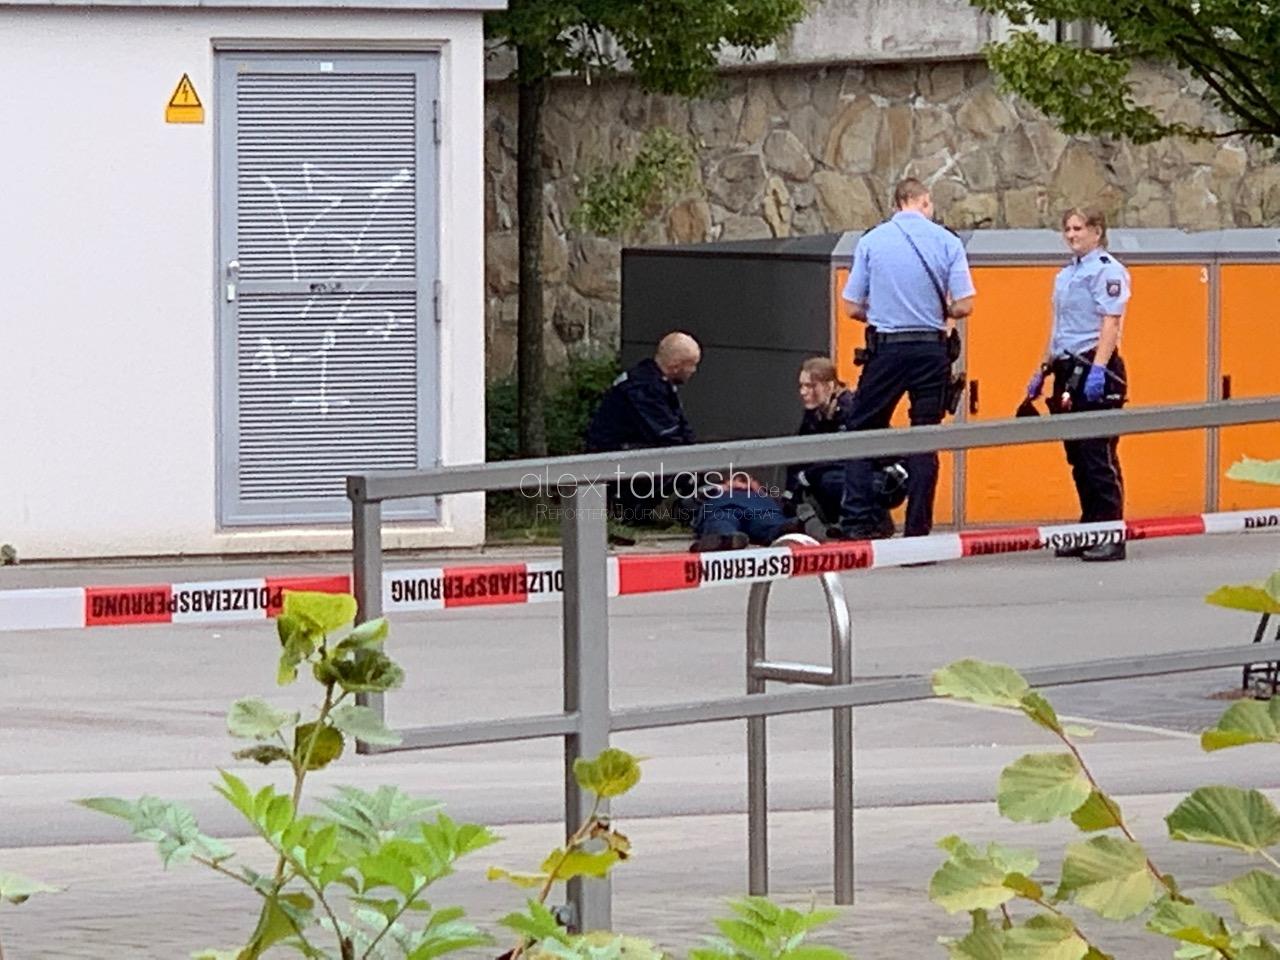 Beziehungsdrama mit zwei Toten Bluttat in Iserlohn: Zwei Monate altes Baby blieb unverletzt